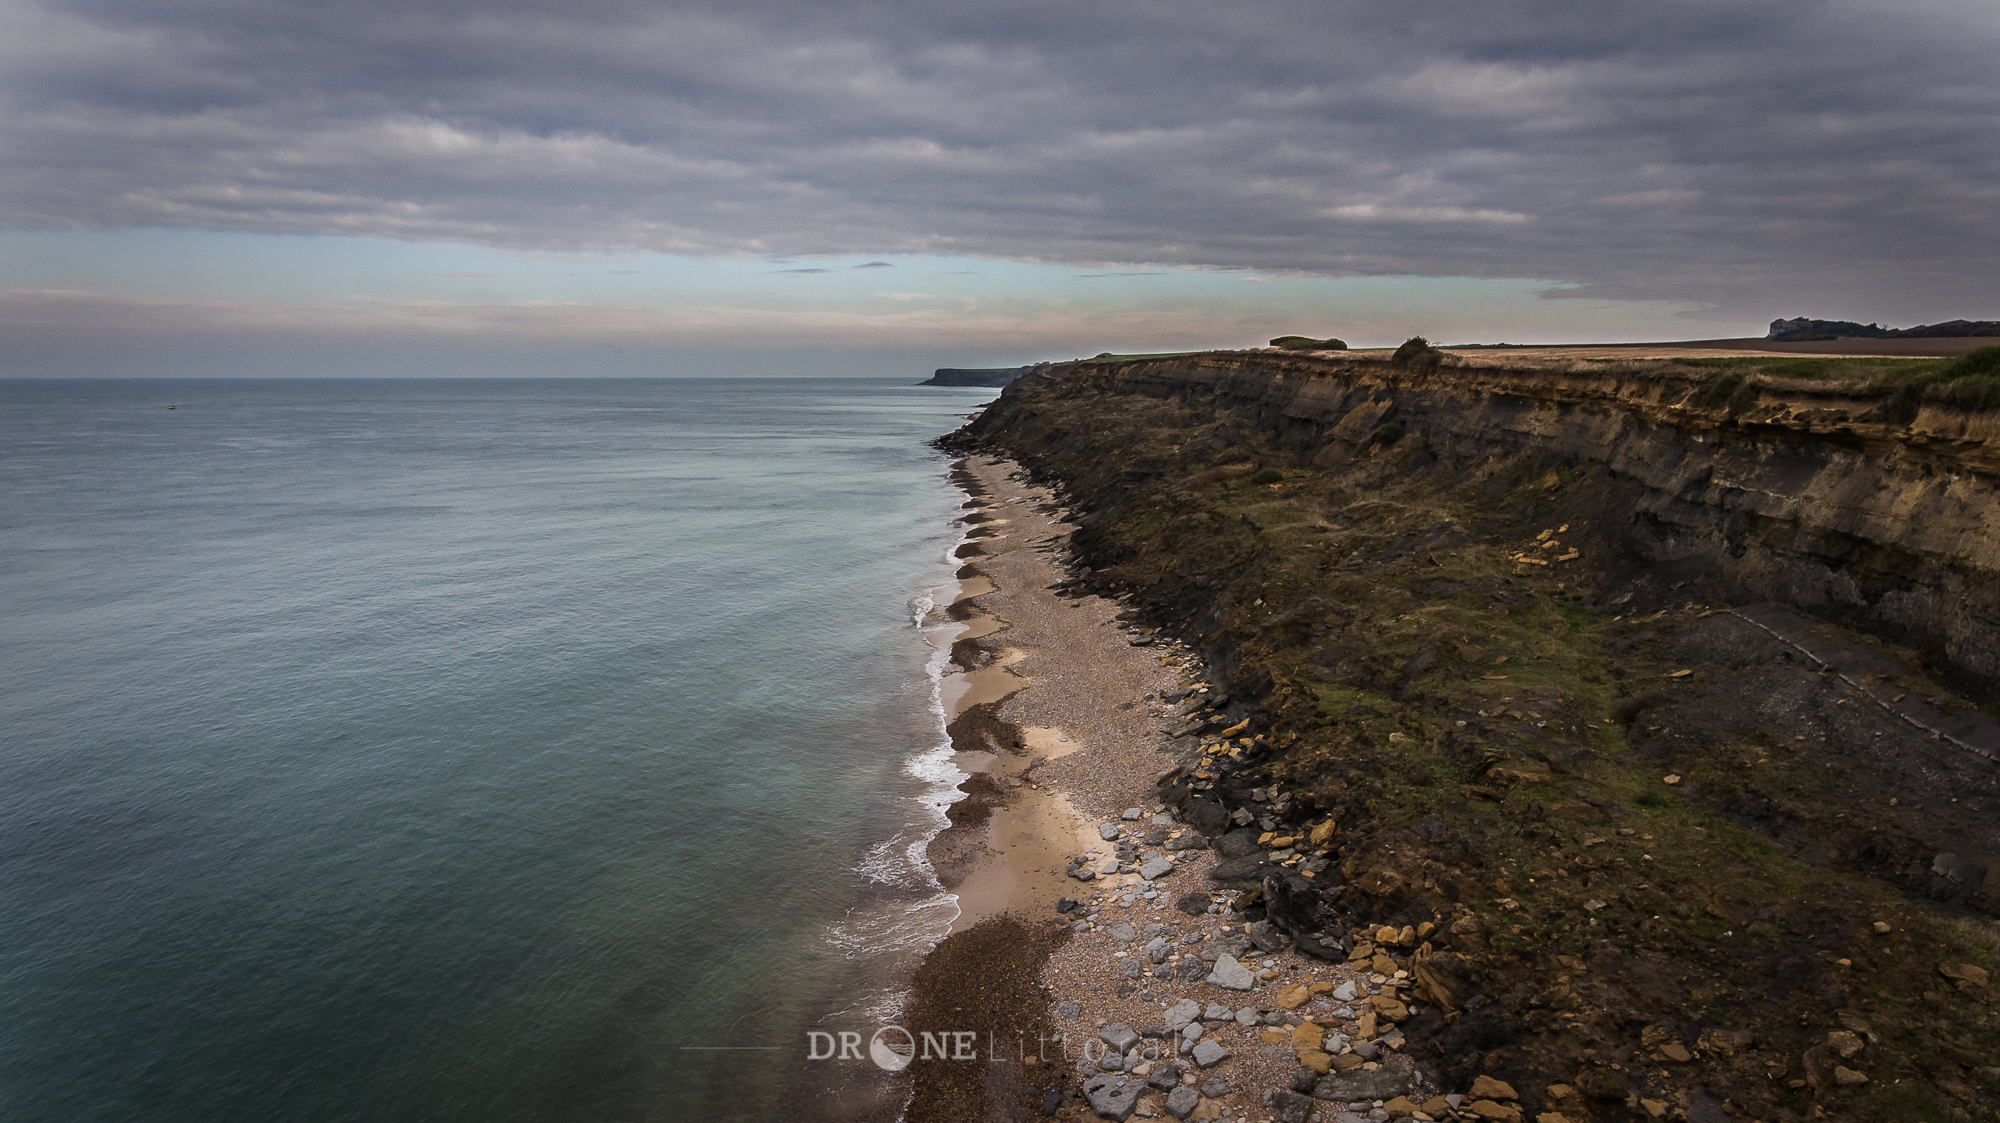 Drone Littoral - Les falaises d'Audresselles